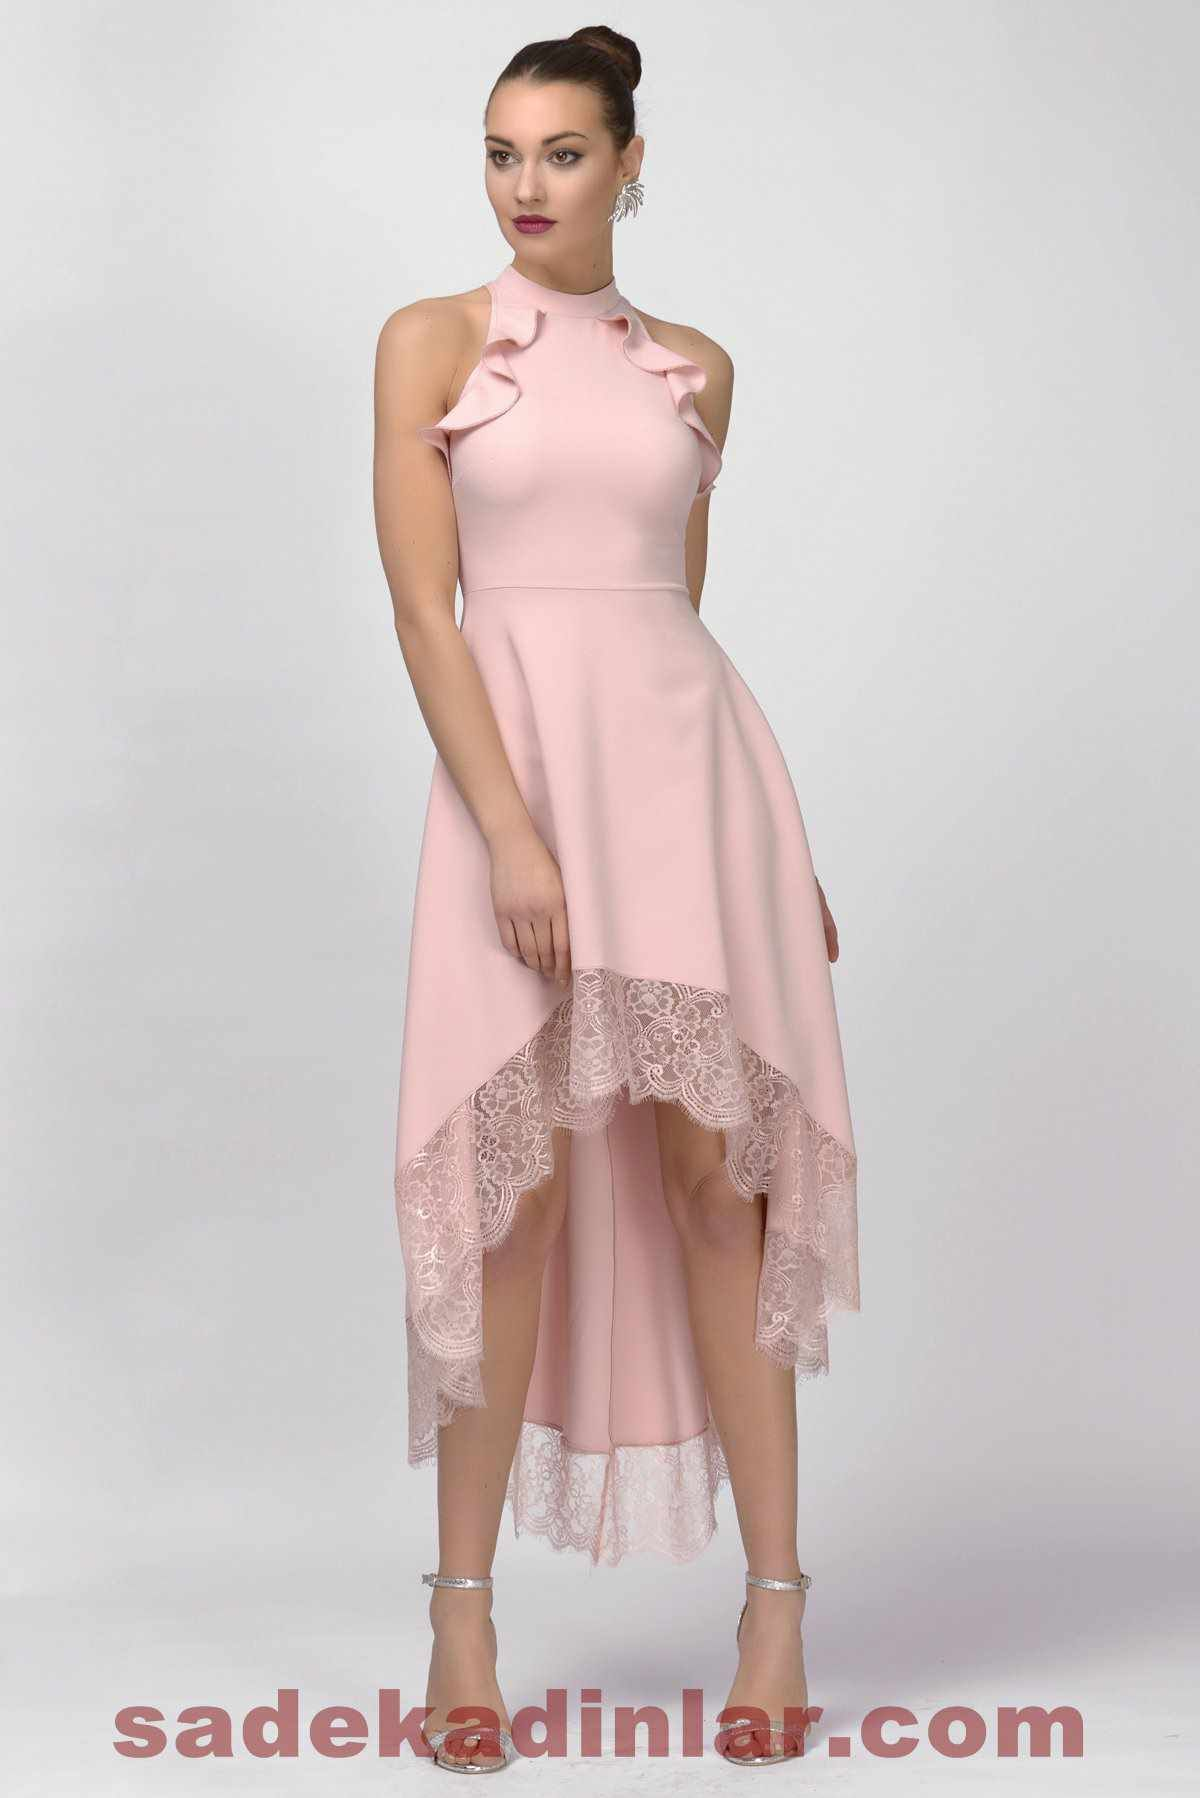 Goz Kamastiran En Tarz 2020 Abiye Modelleri Elbise The Dress Dress Up